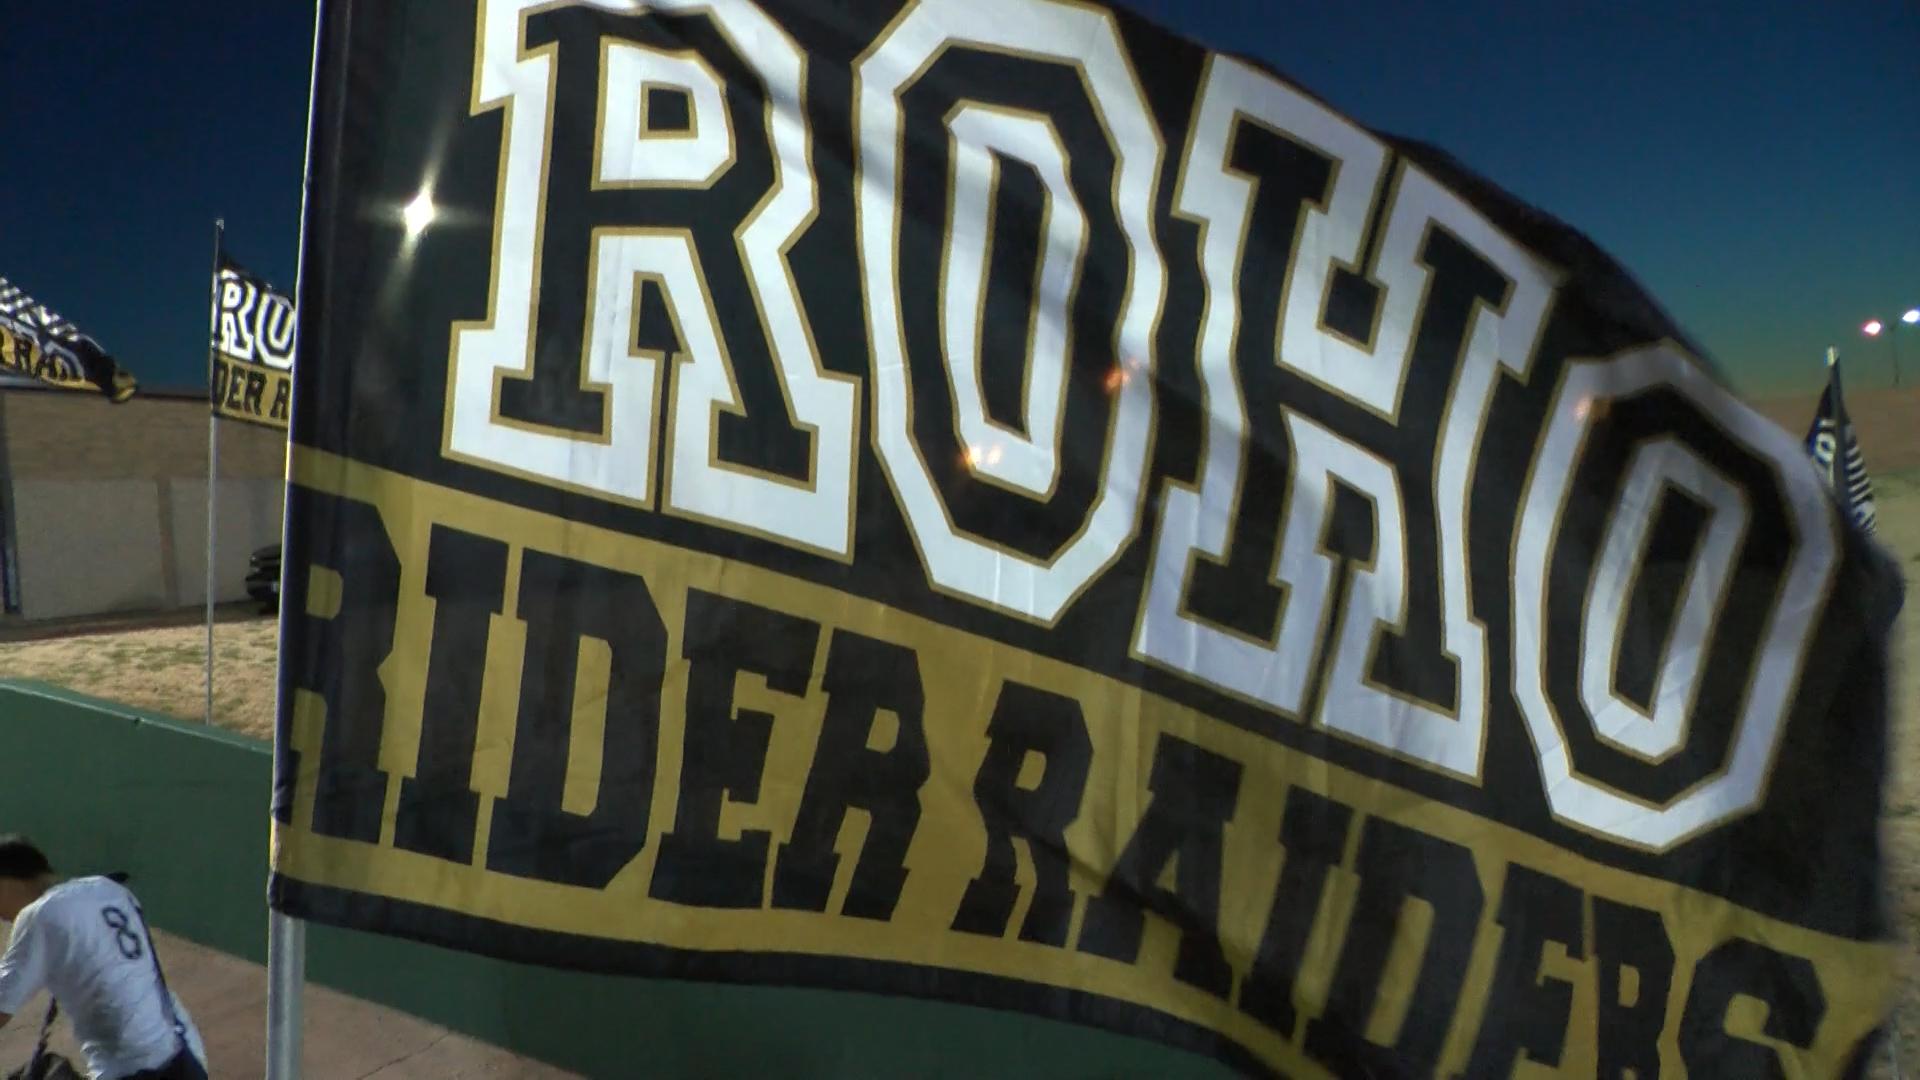 RIDER BOYS SOCCER_1487391743981.jpg